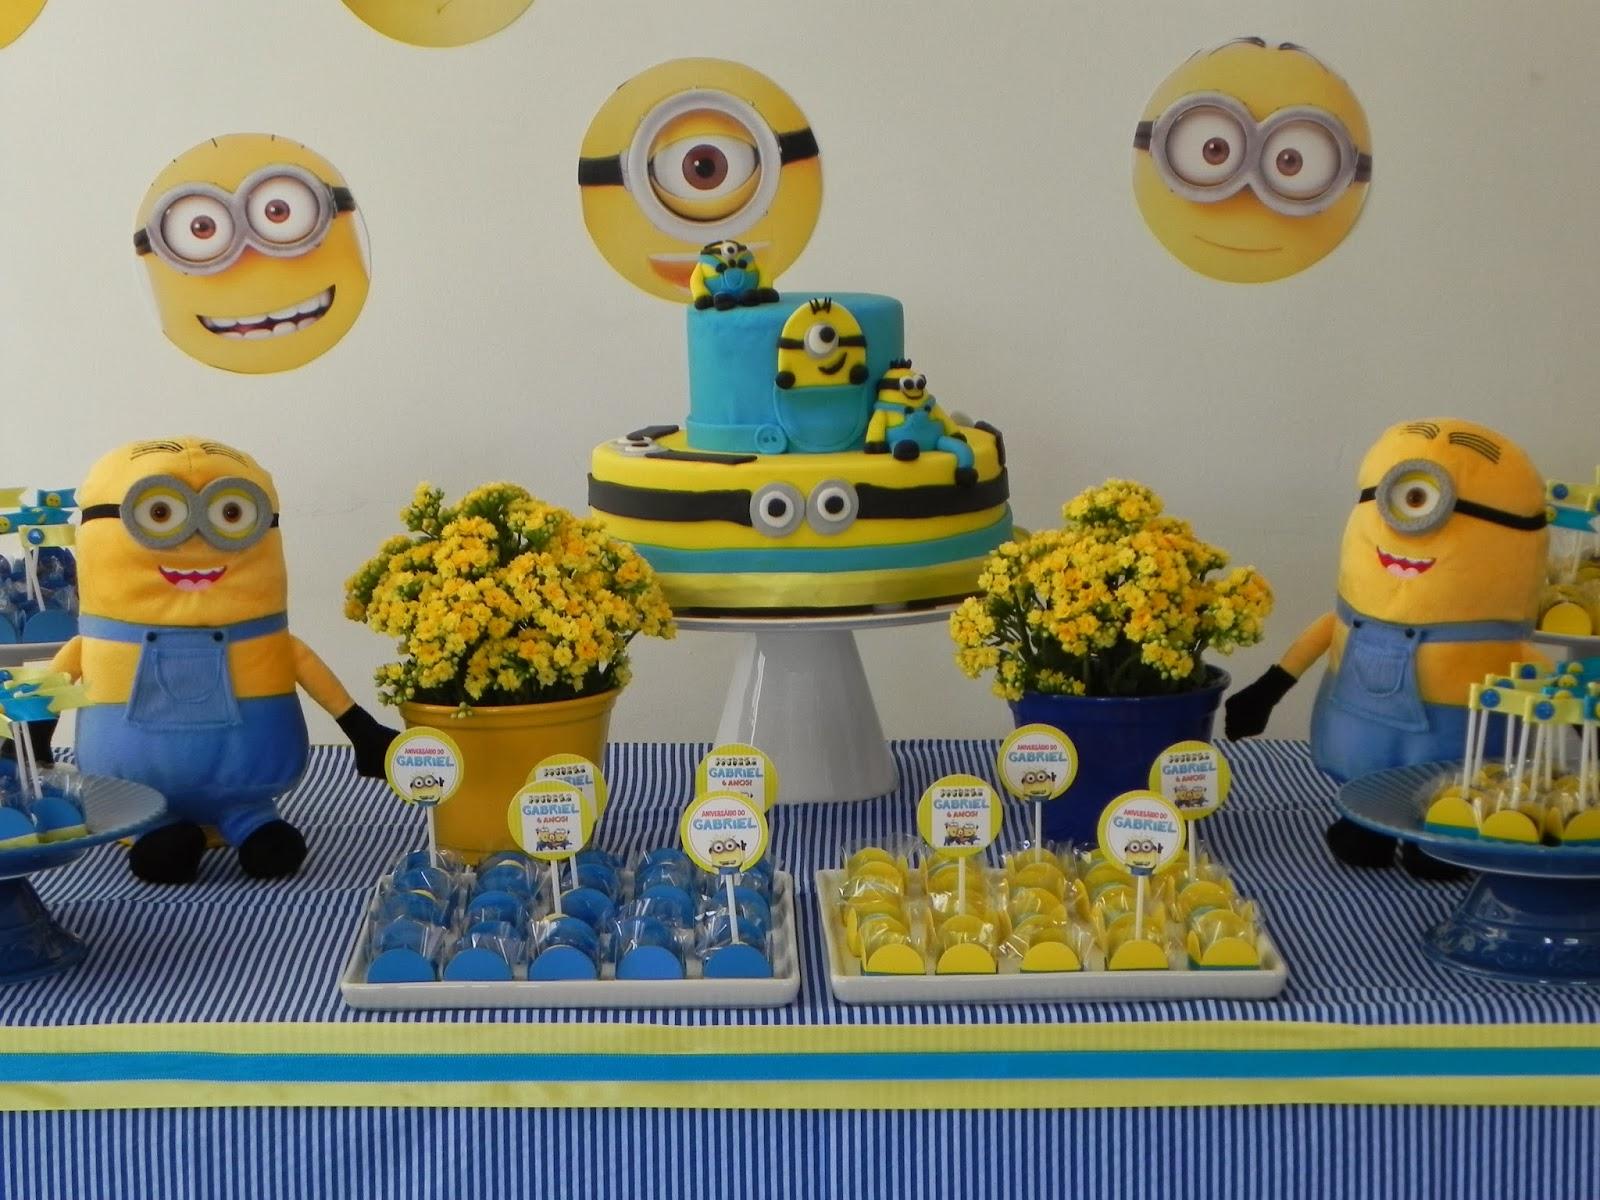 decoracao festa minions : decoracao festa minions:Festa Minions